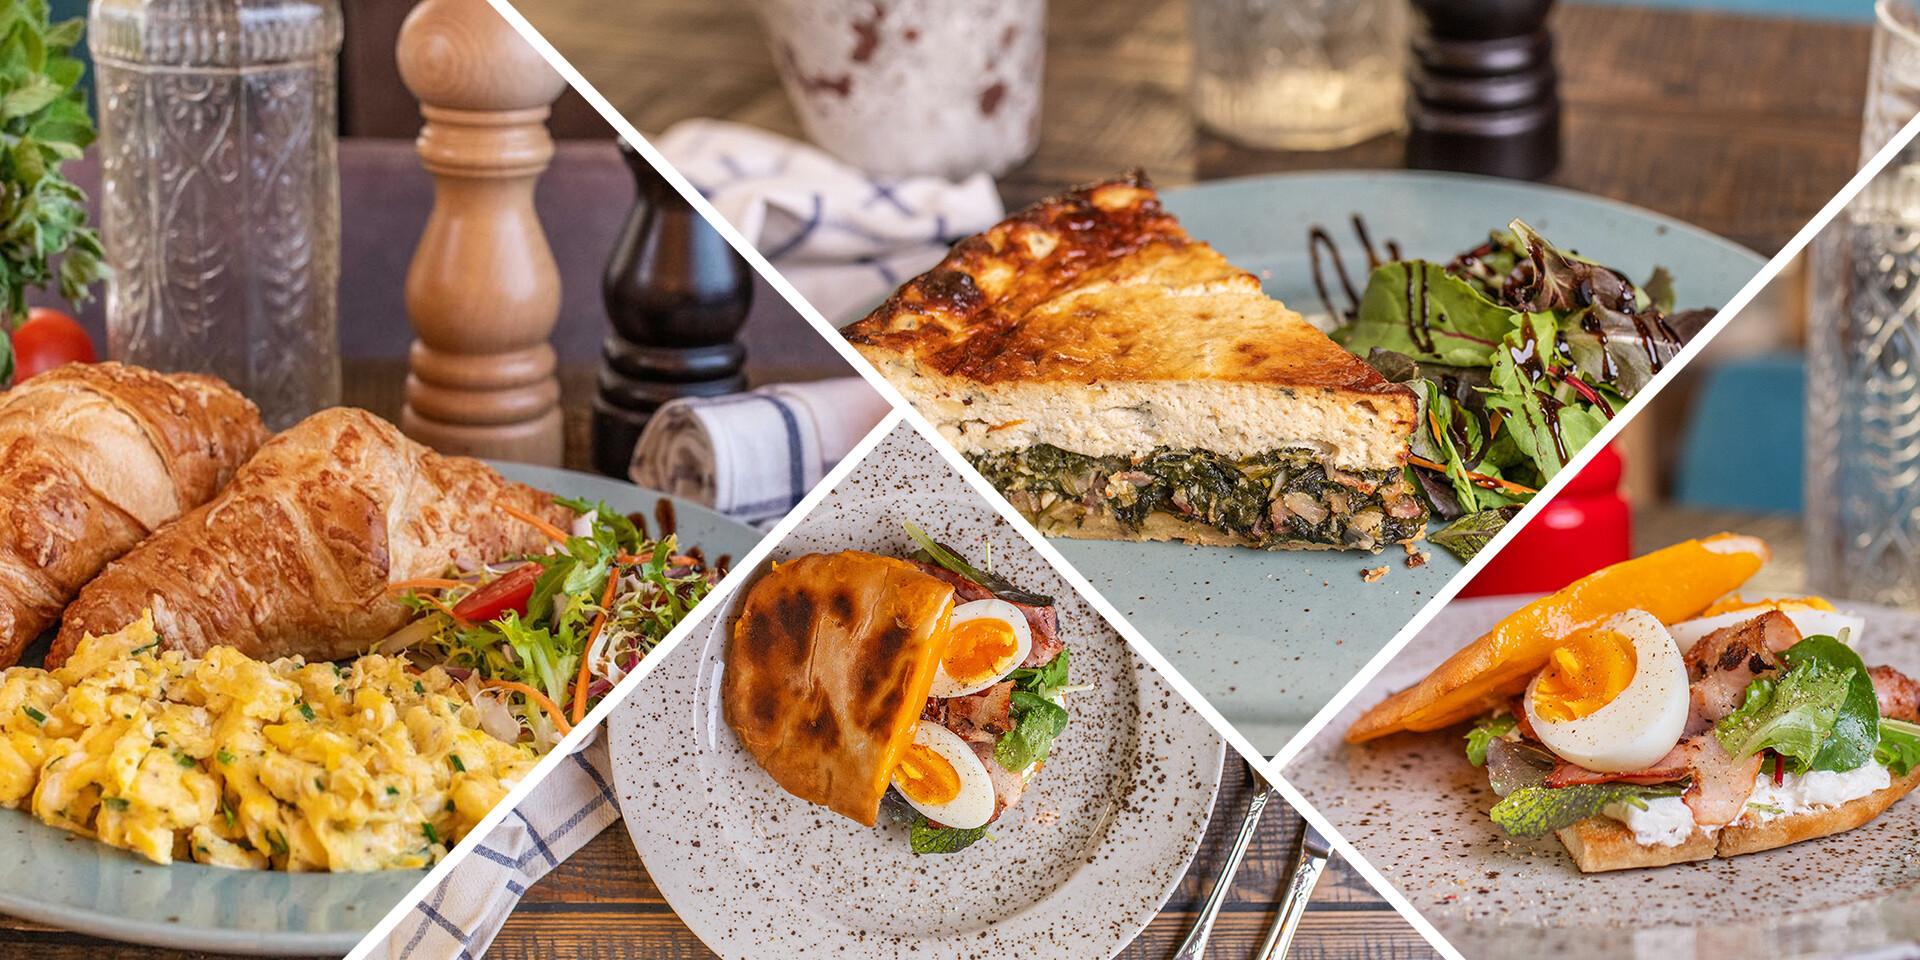 Francúzske raňajkové menu v útulnej reštaurácii Le Papillon v srdci Bratislavy